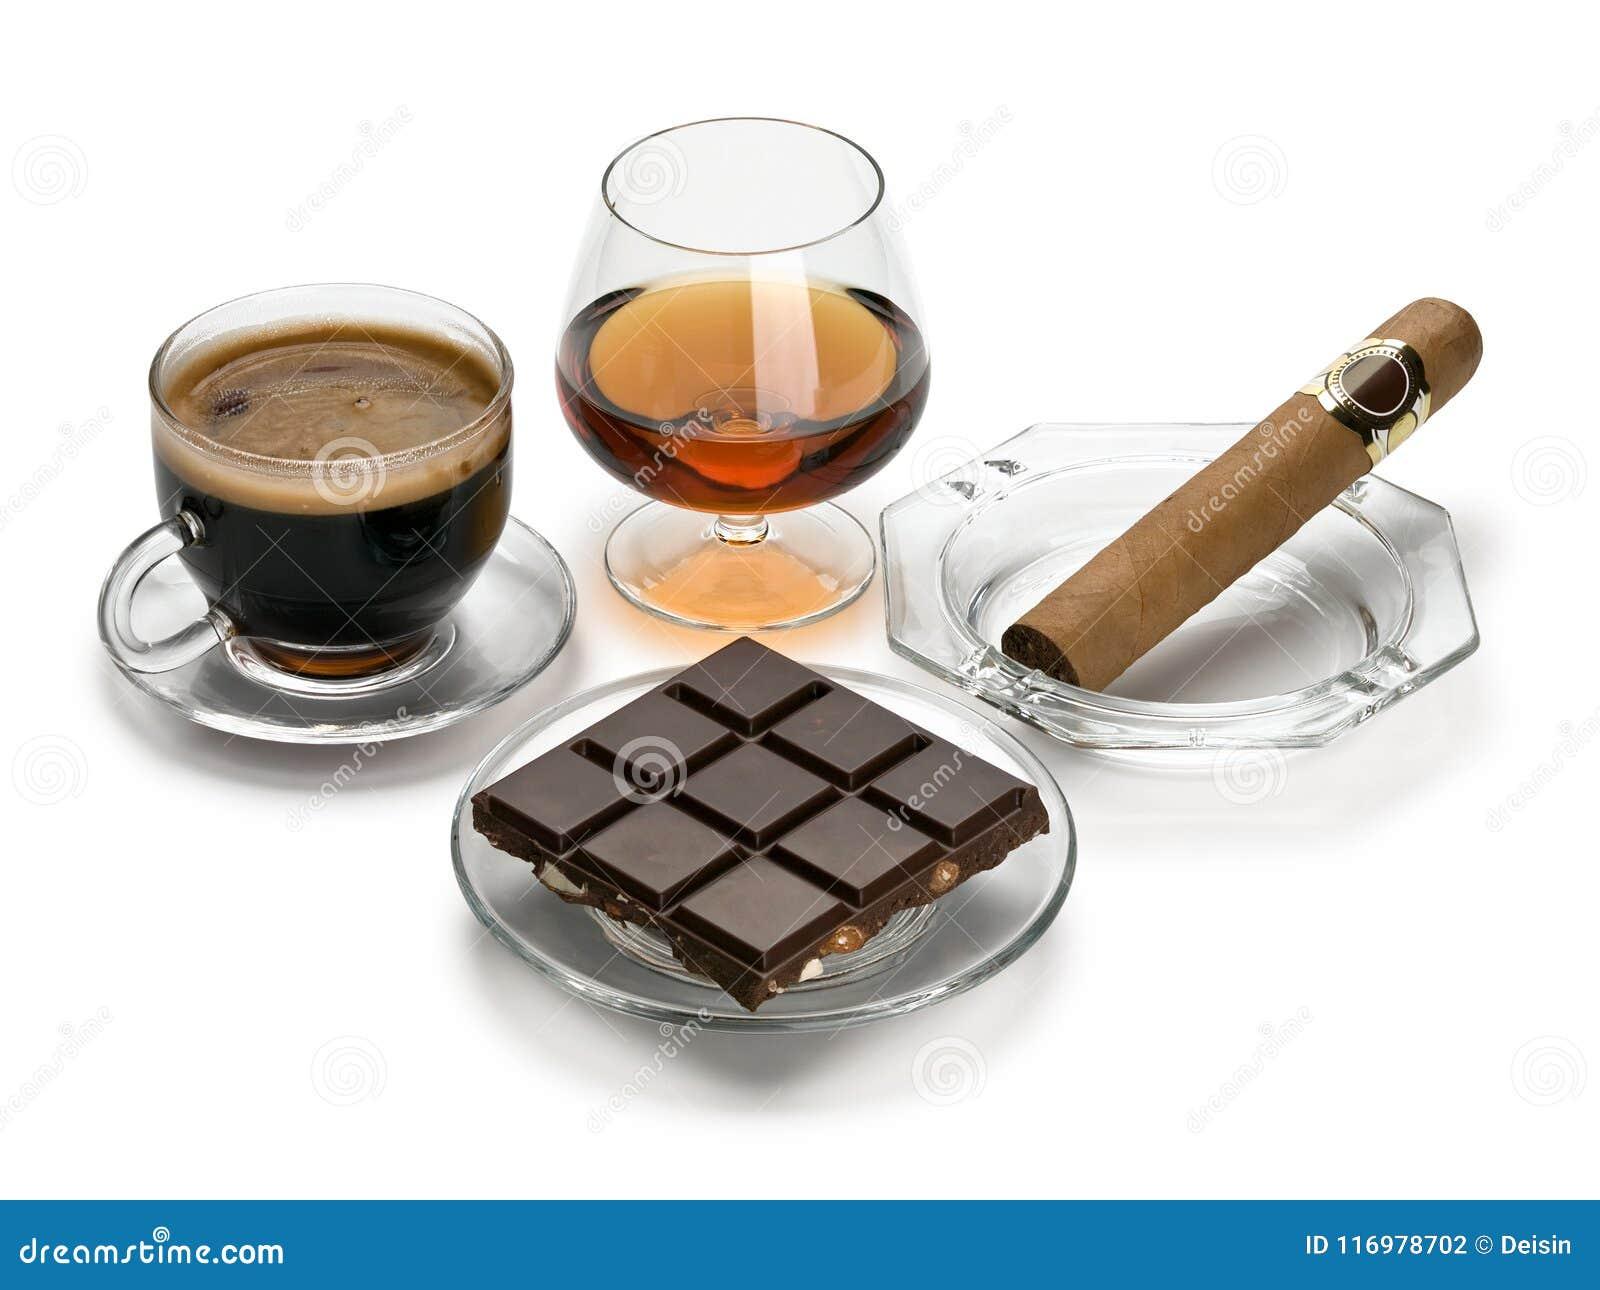 Coñac, cigarro, café, chocolate